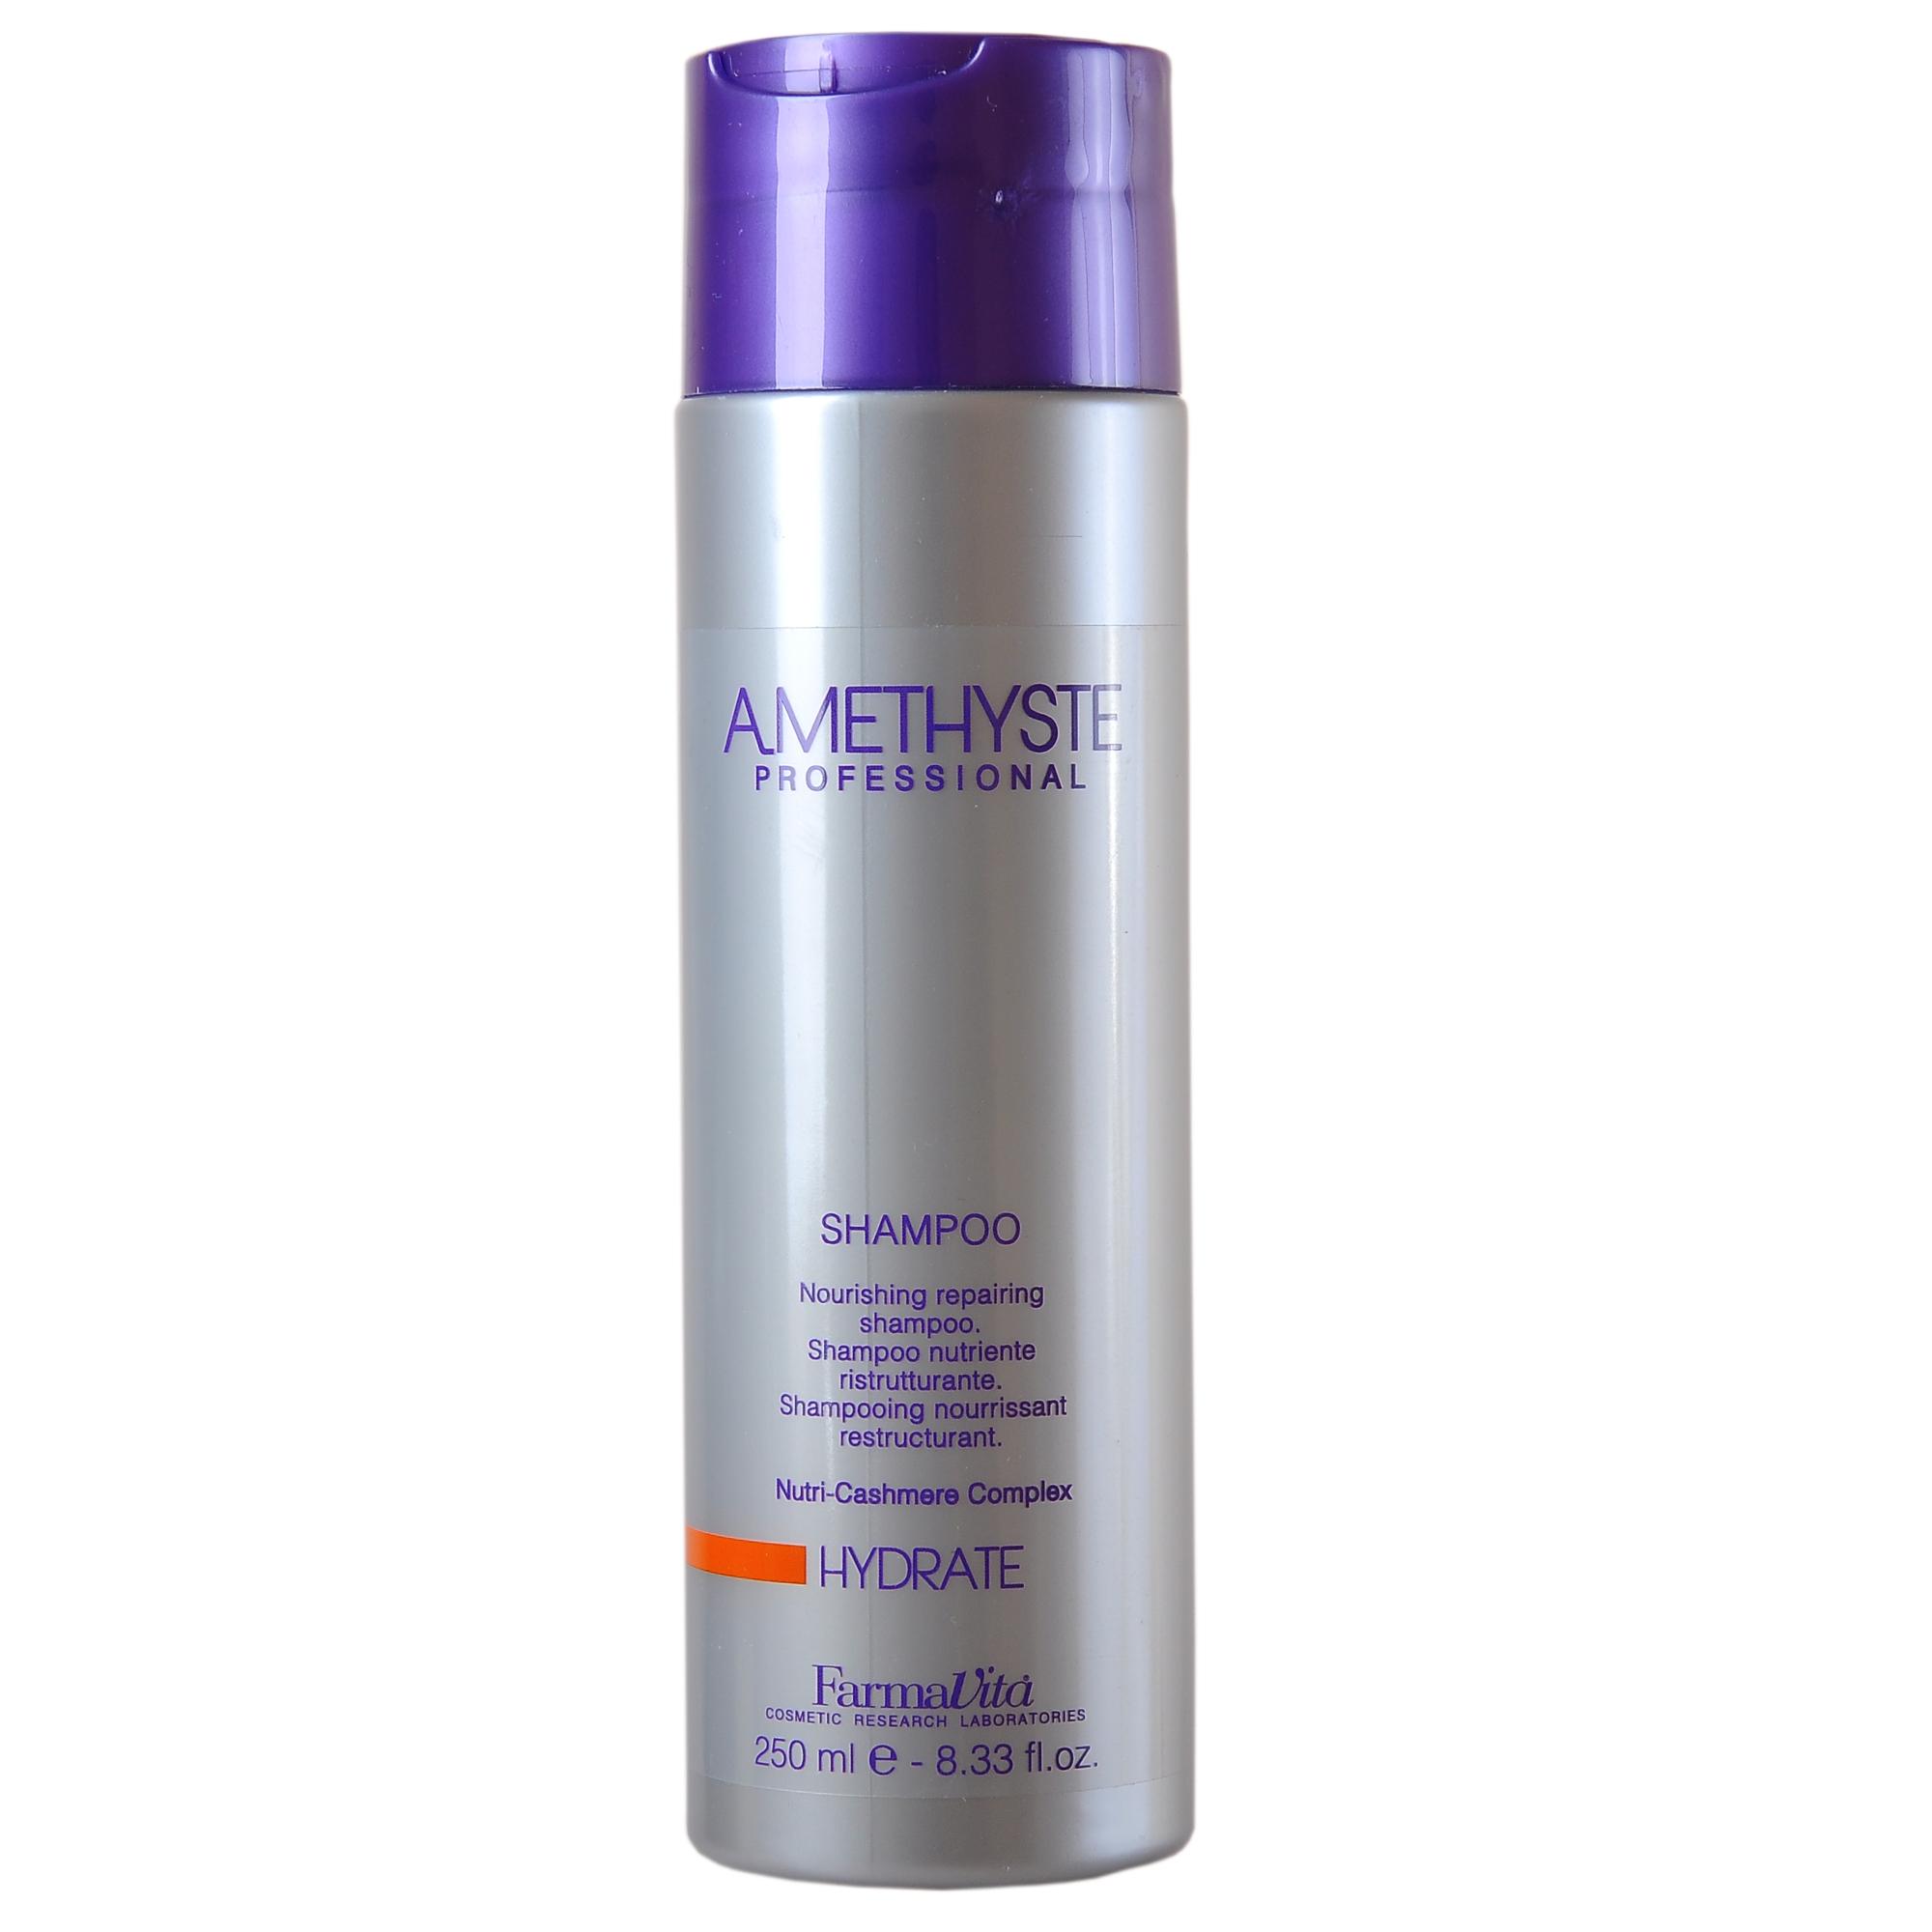 FARMAVITA Шампунь увлажн д/сухих и ослабленных волос Amethyste hydrate shampoo / AMETHYSTE PROFESSIONAL 250 мл